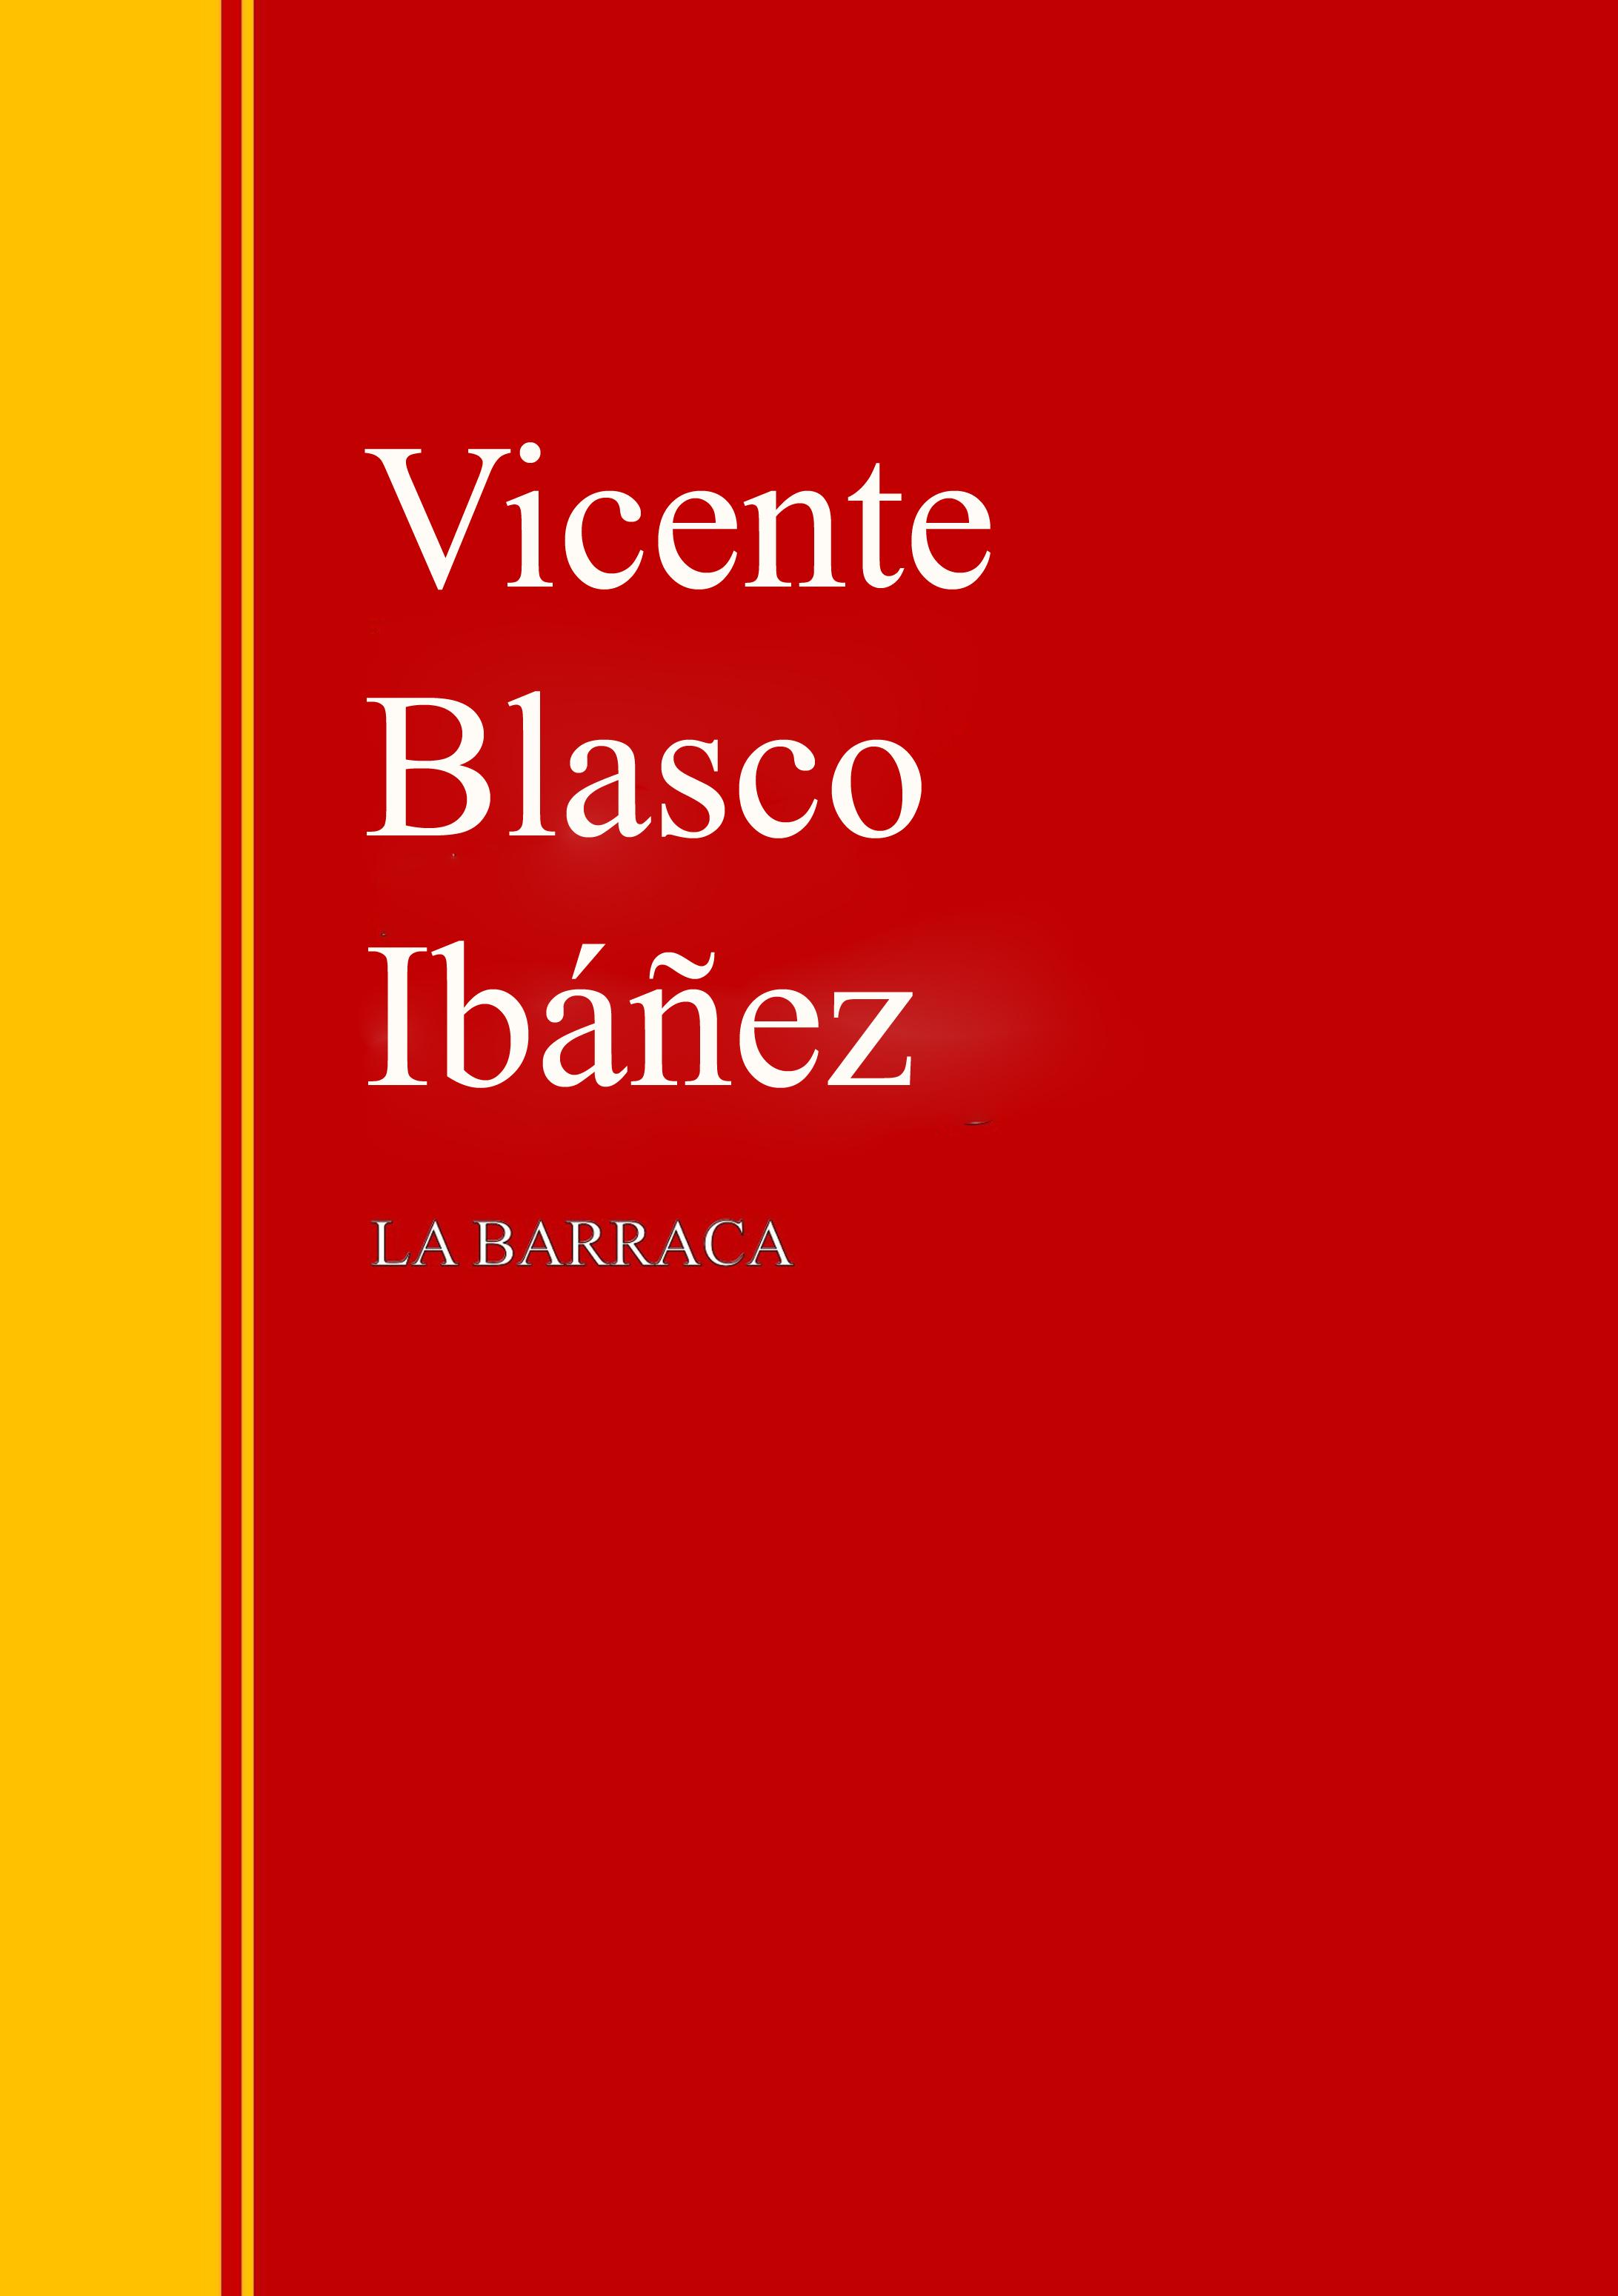 Vicente Blasco Ibáñez La Barraca